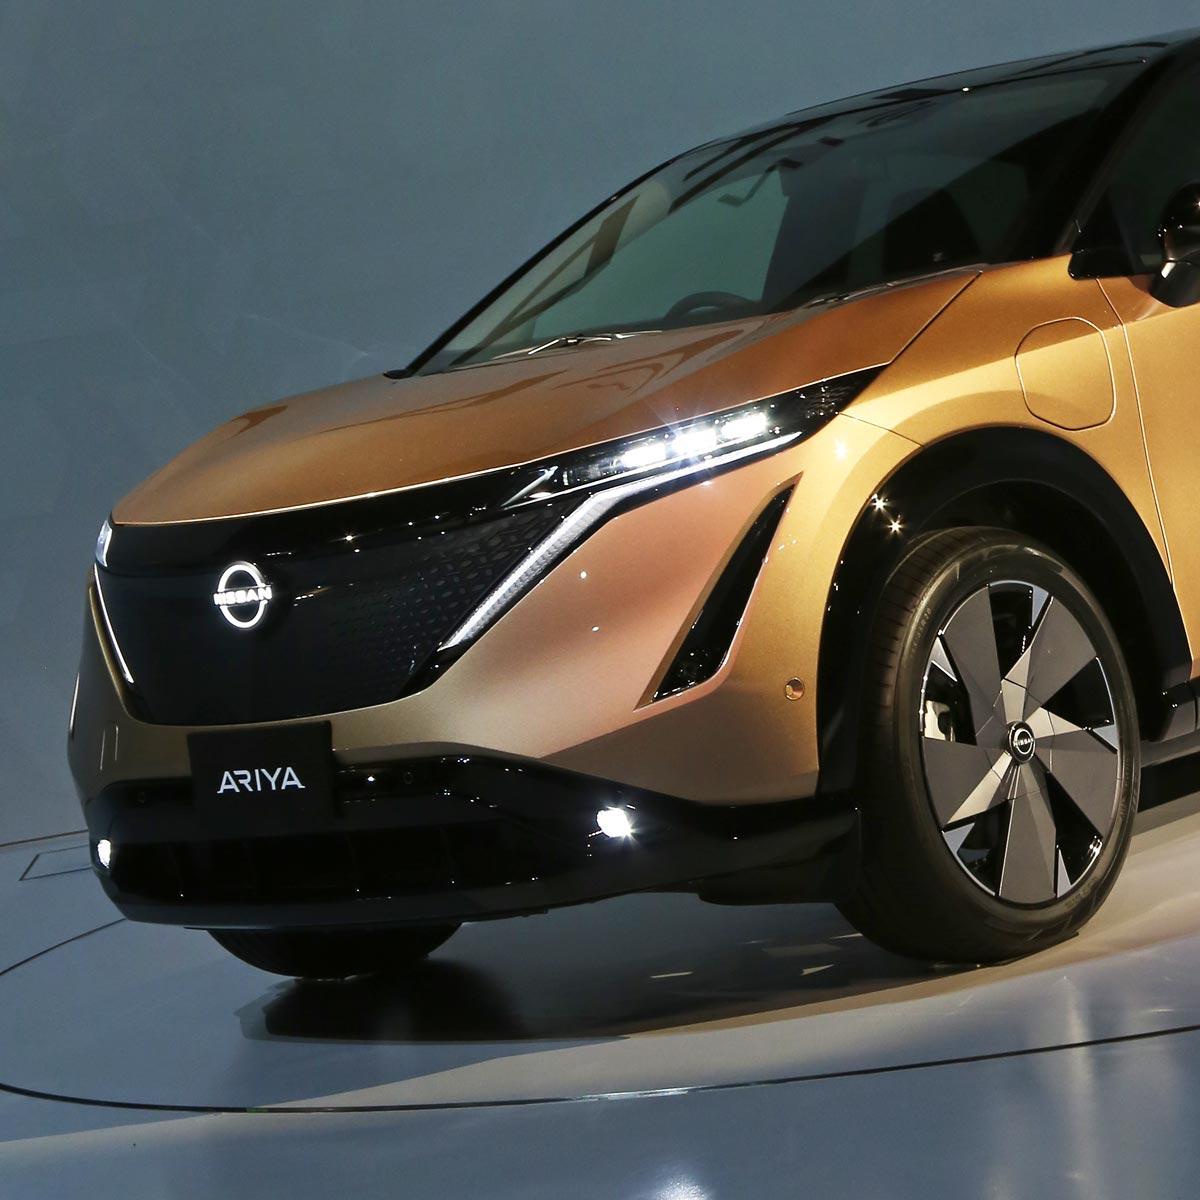 日産の新型EV「アリア」2021年発売!最高出力394ps、航続距離610kmのスペックが魅力的!